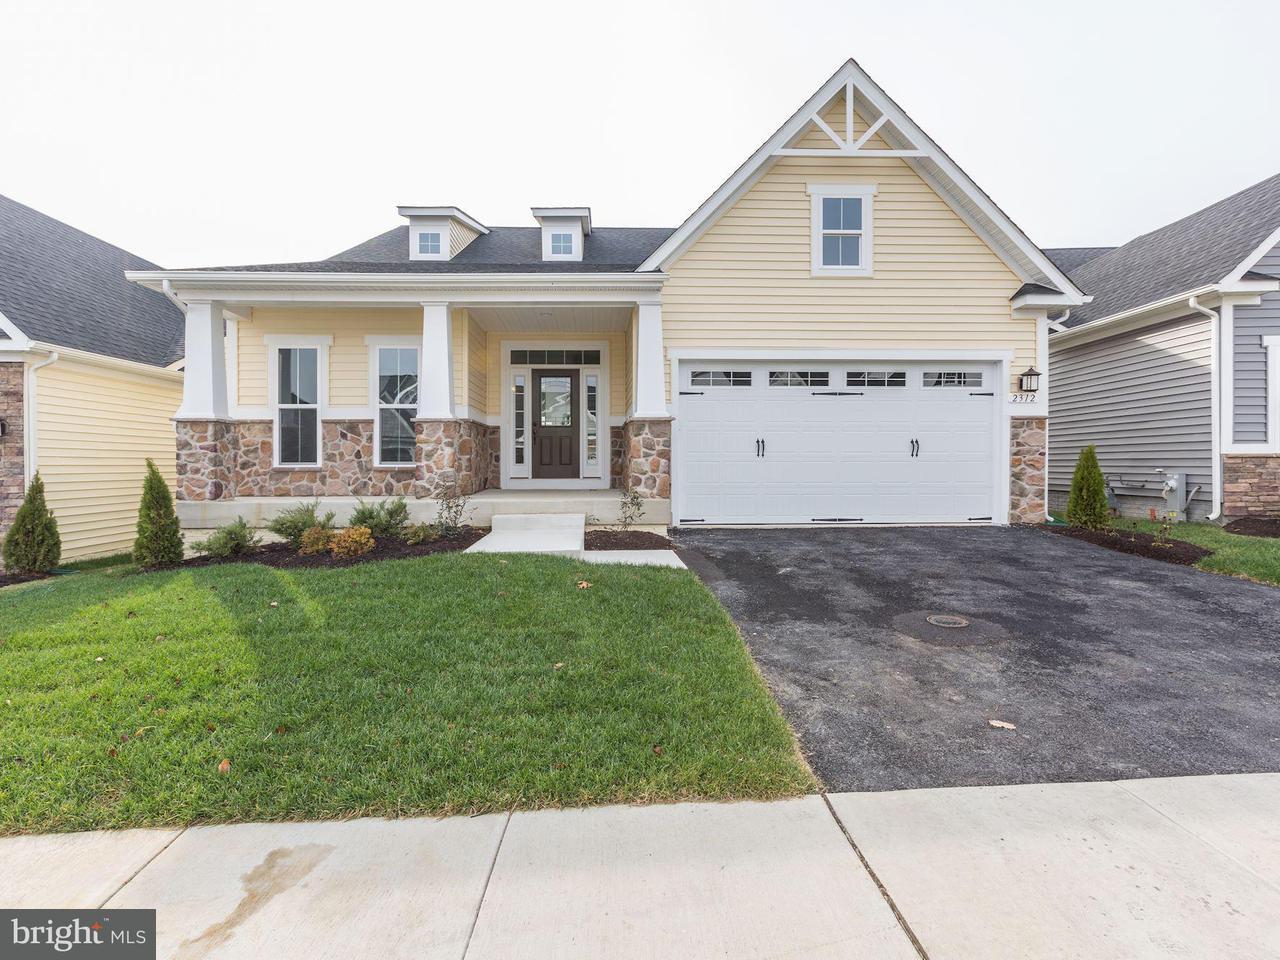 Einfamilienhaus für Verkauf beim 2312 MOURNING DOVE Drive 2312 MOURNING DOVE Drive Odenton, Maryland 21113 Vereinigte Staaten